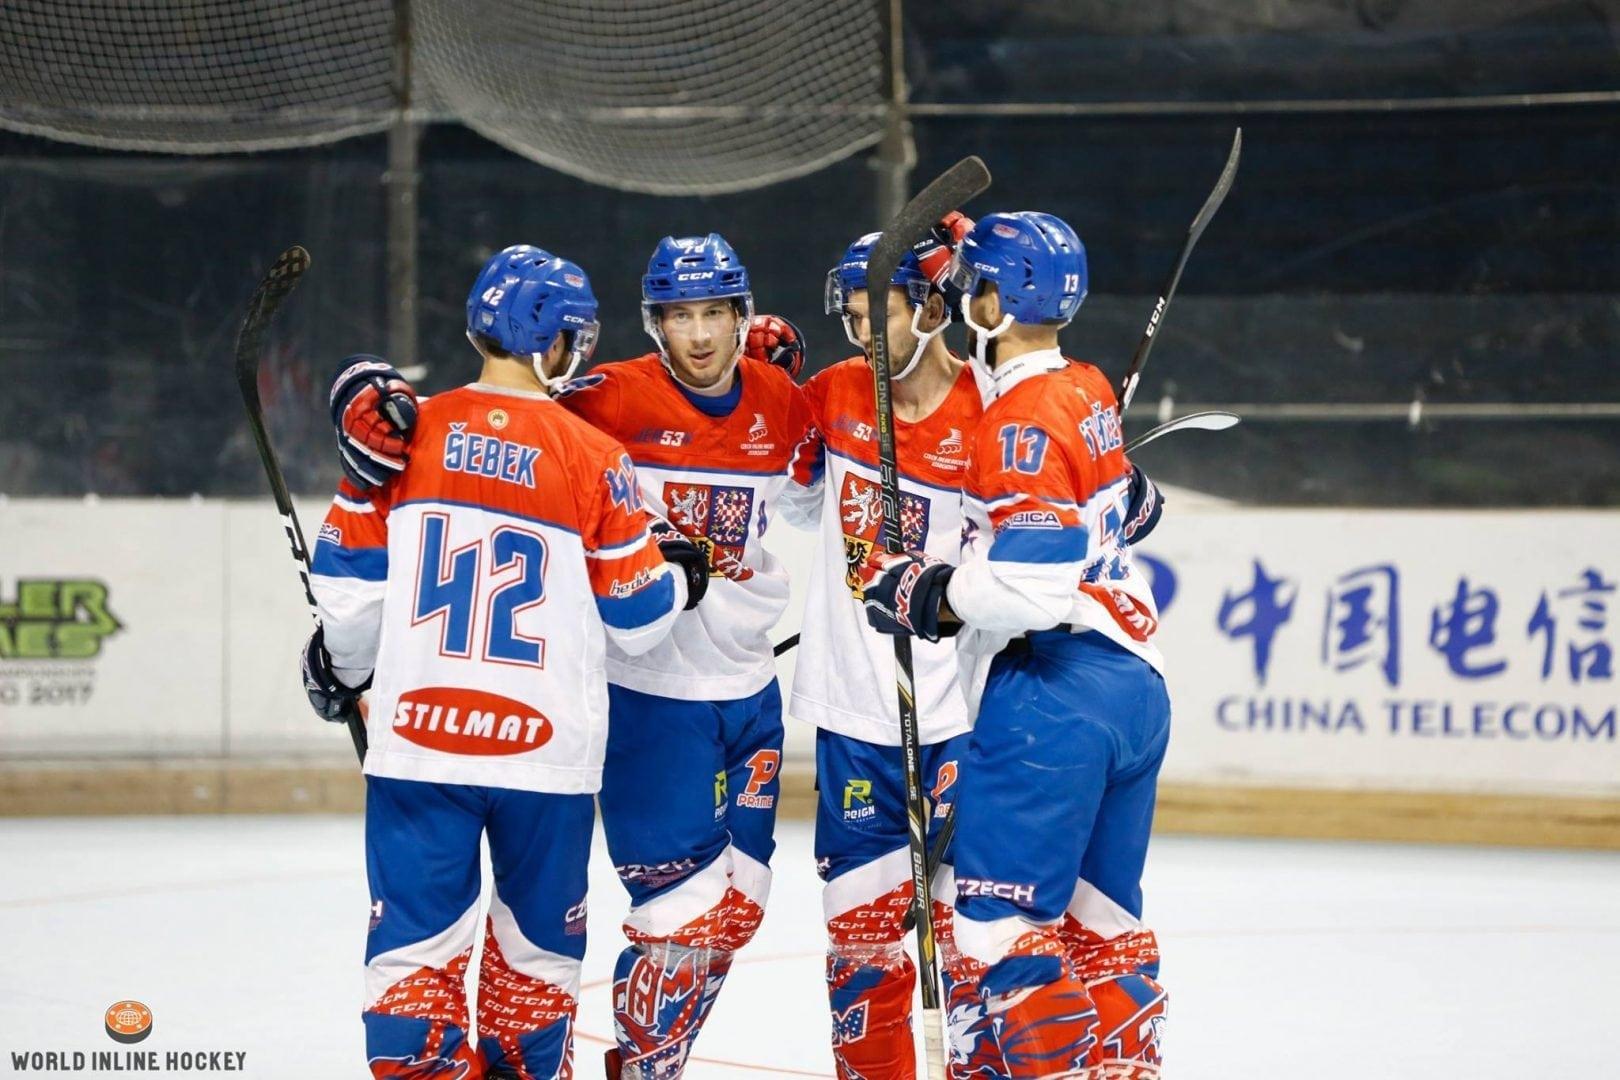 Česká reprezentace foto4 World Inline Hockey archiv